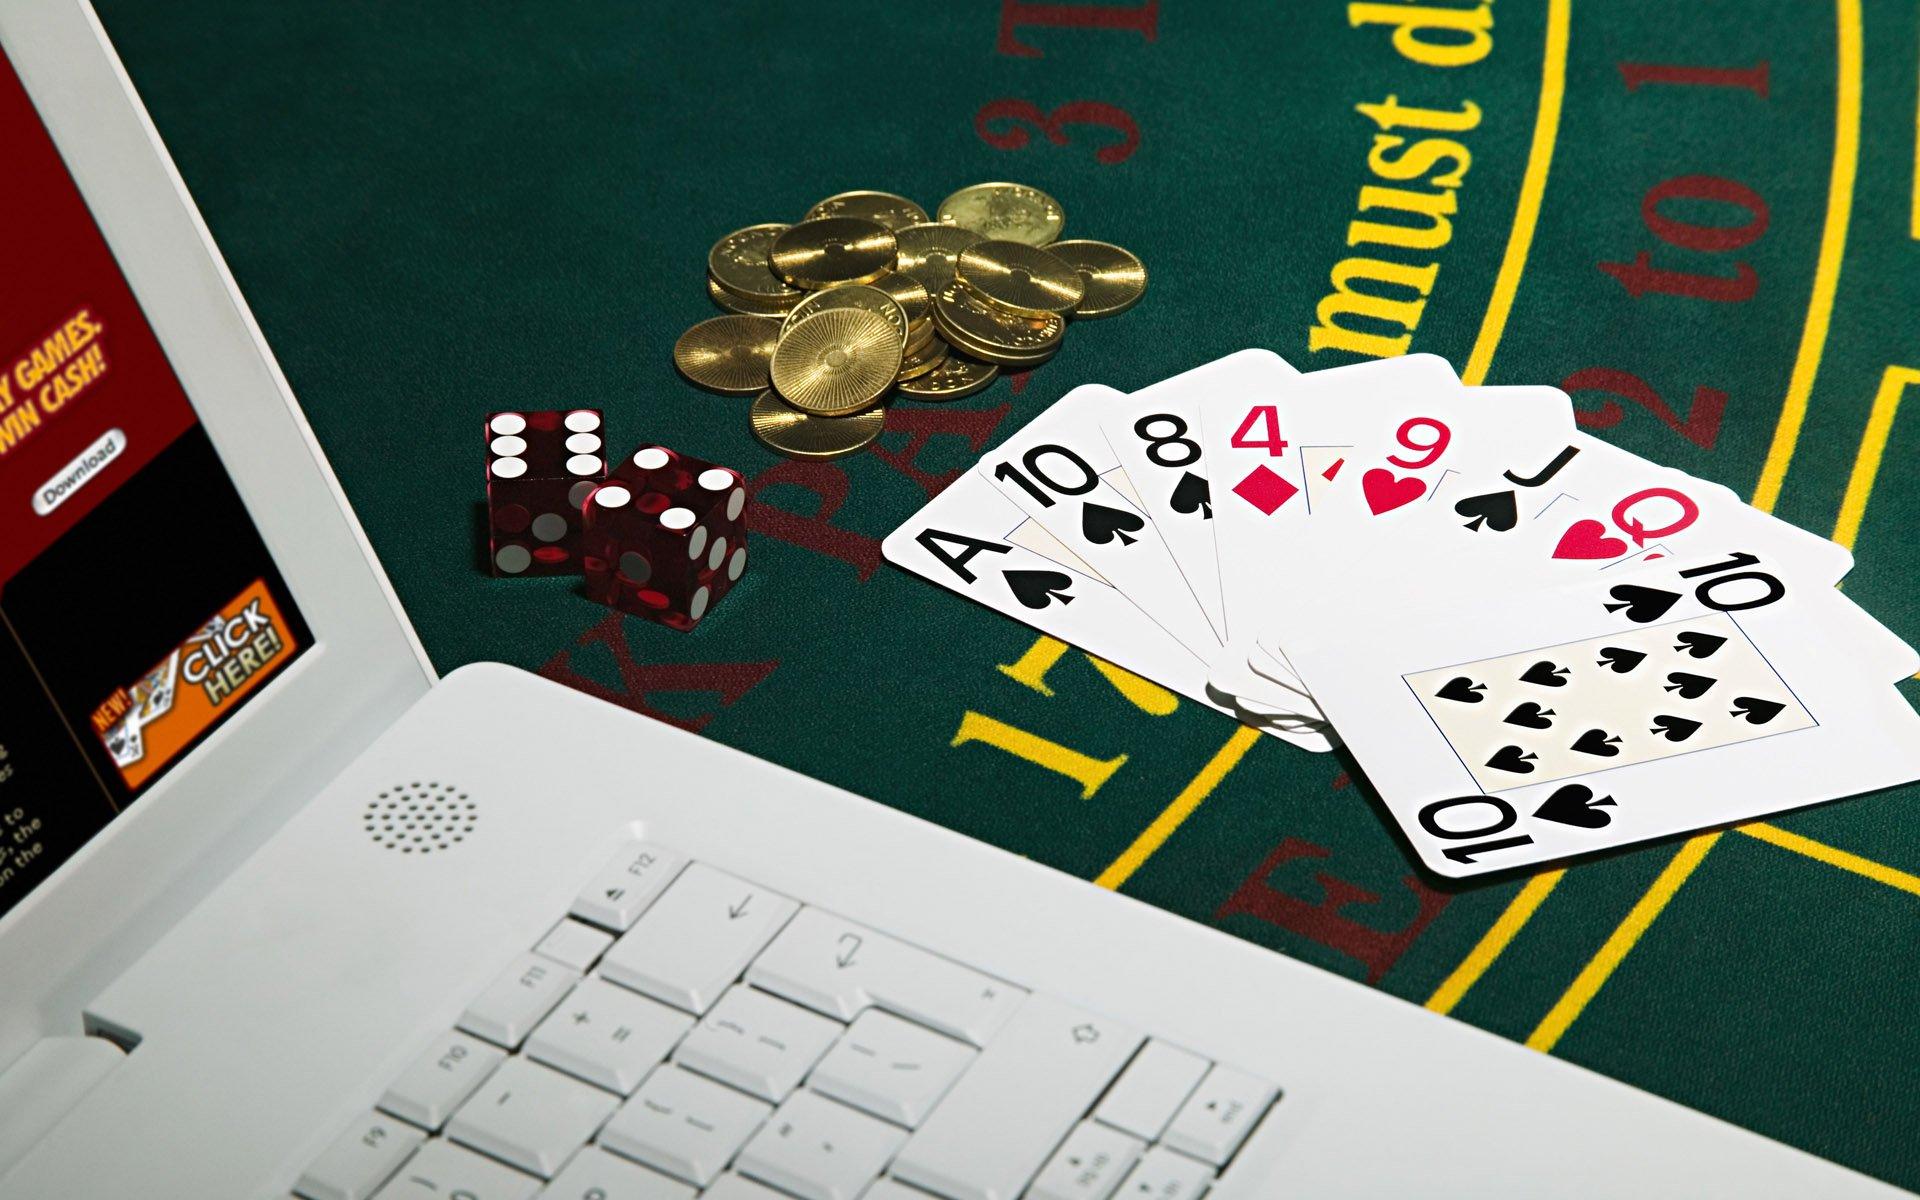 Сколько прибыли приносит онлайн казино эмулятор азартные игры скачать на телефон